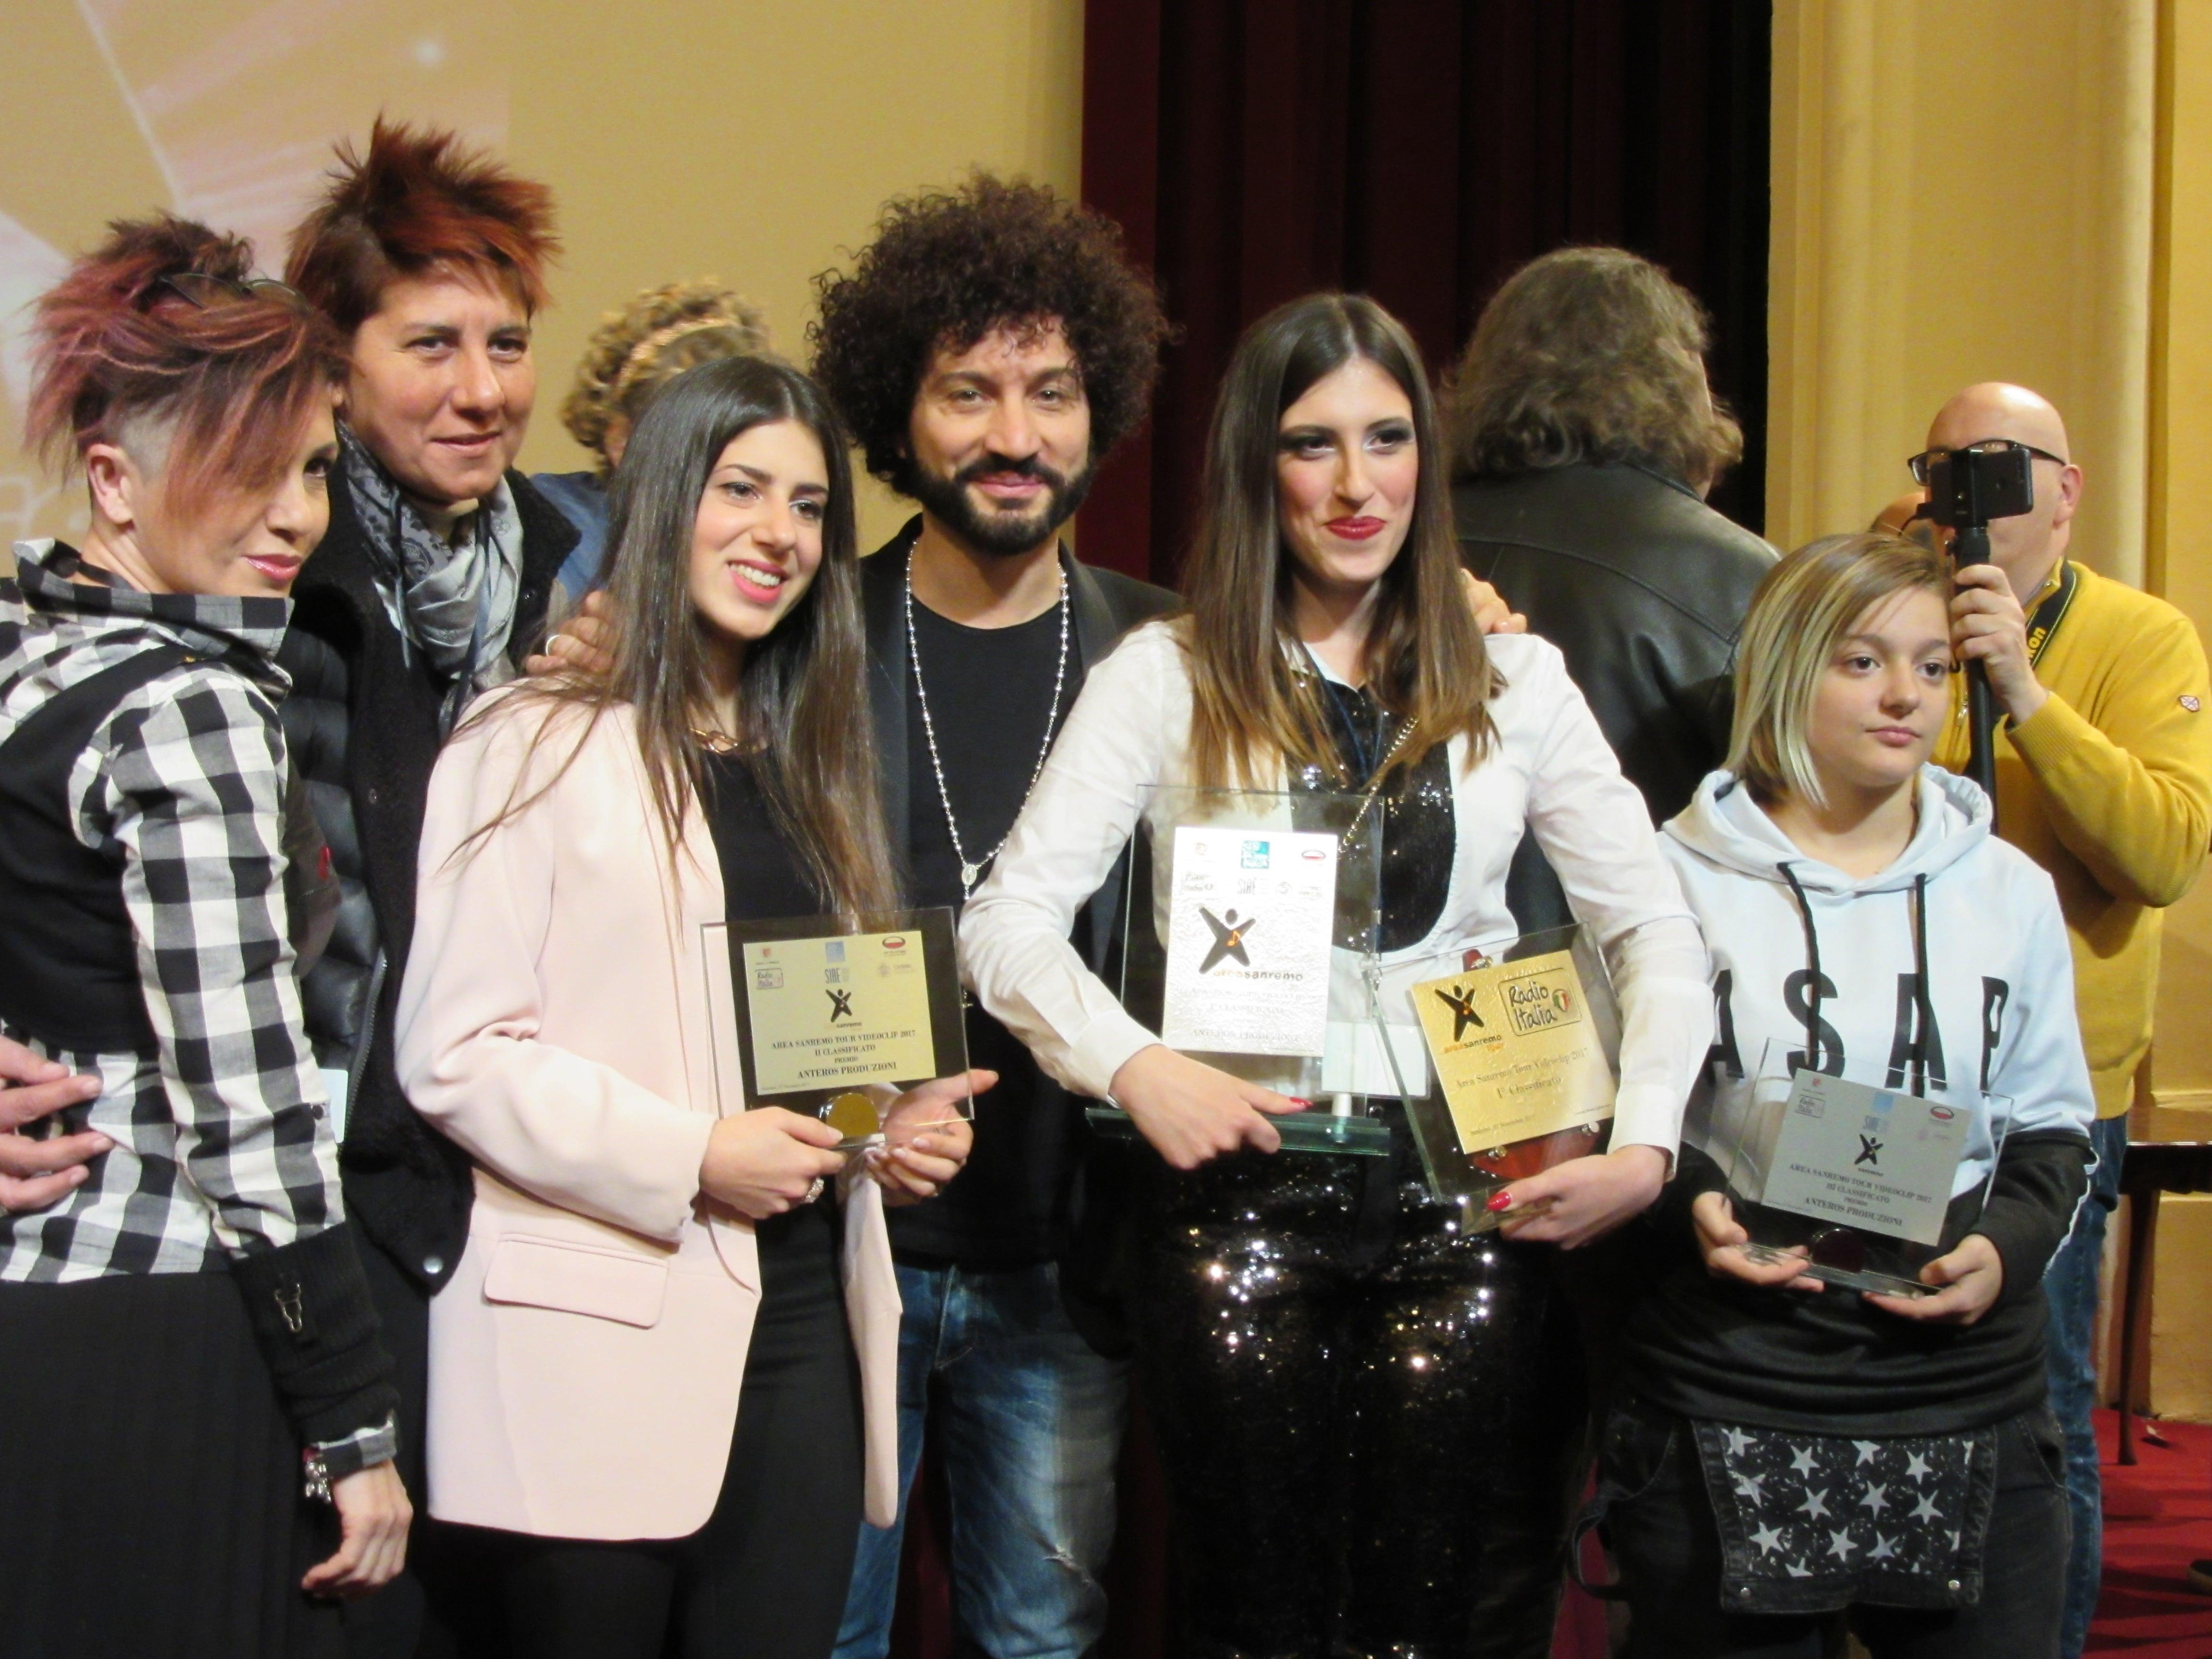 Il racconto della premiazione del concorso Area Sanremo